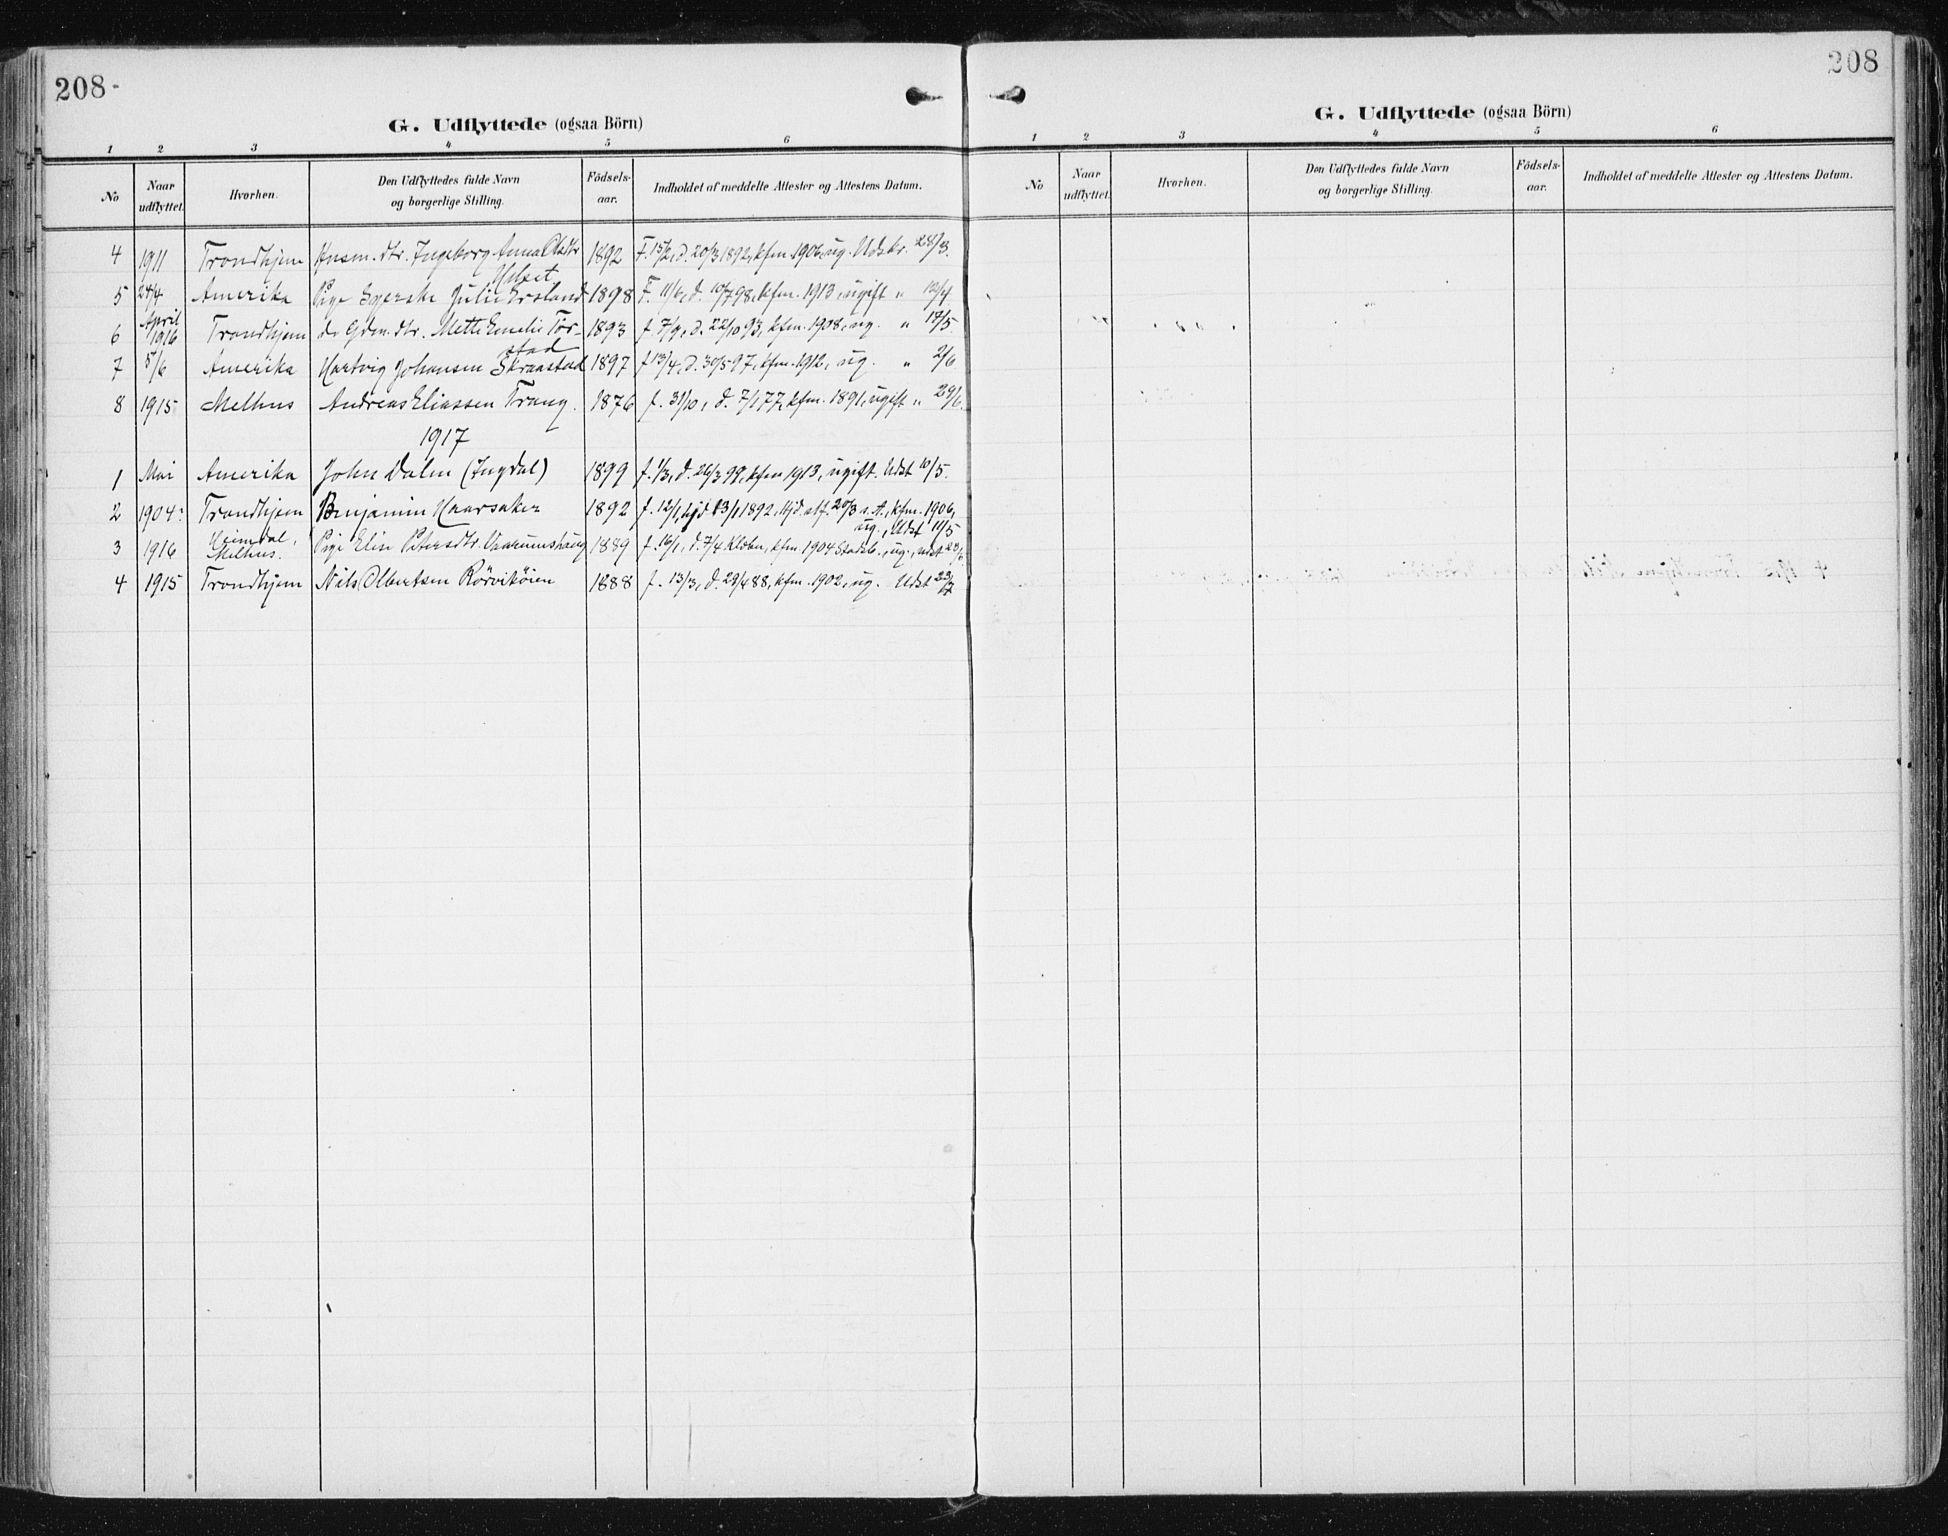 SAT, Ministerialprotokoller, klokkerbøker og fødselsregistre - Sør-Trøndelag, 646/L0616: Ministerialbok nr. 646A14, 1900-1918, s. 208